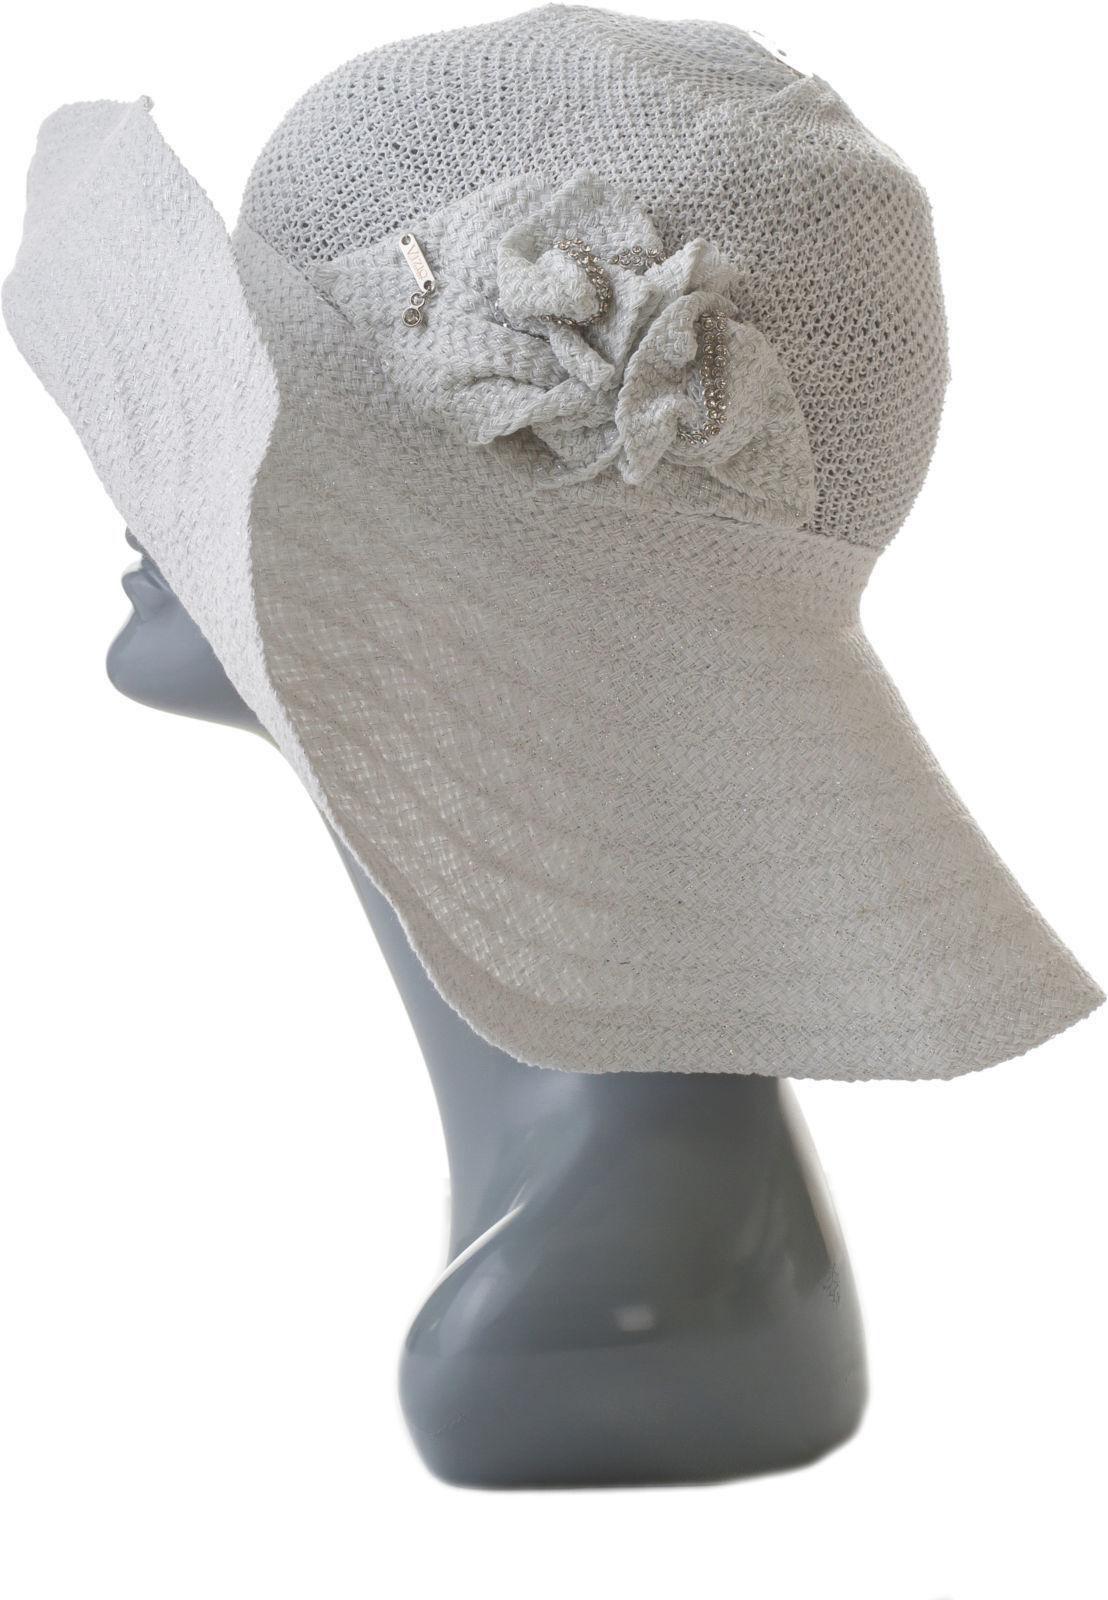 Летняя шляпа женская с камнями Сваровски